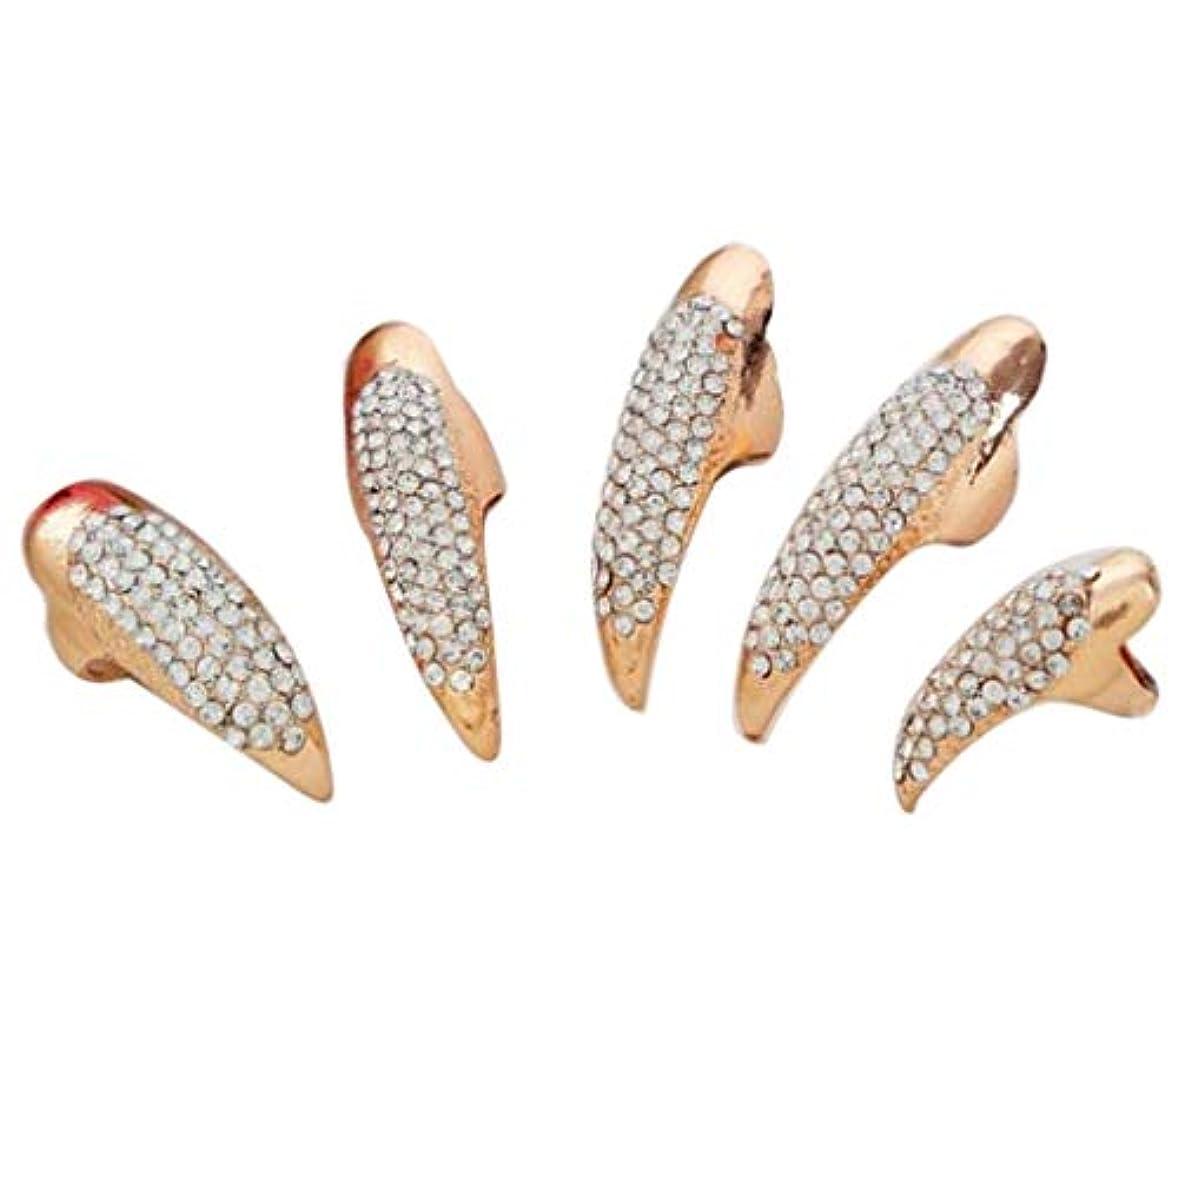 魂偶然の無視するB Baosity ネイルアート ネイルリング 爪リング ネイルチップ 指先 爪の指輪 キラキラ 2色選べ - ゴールデン